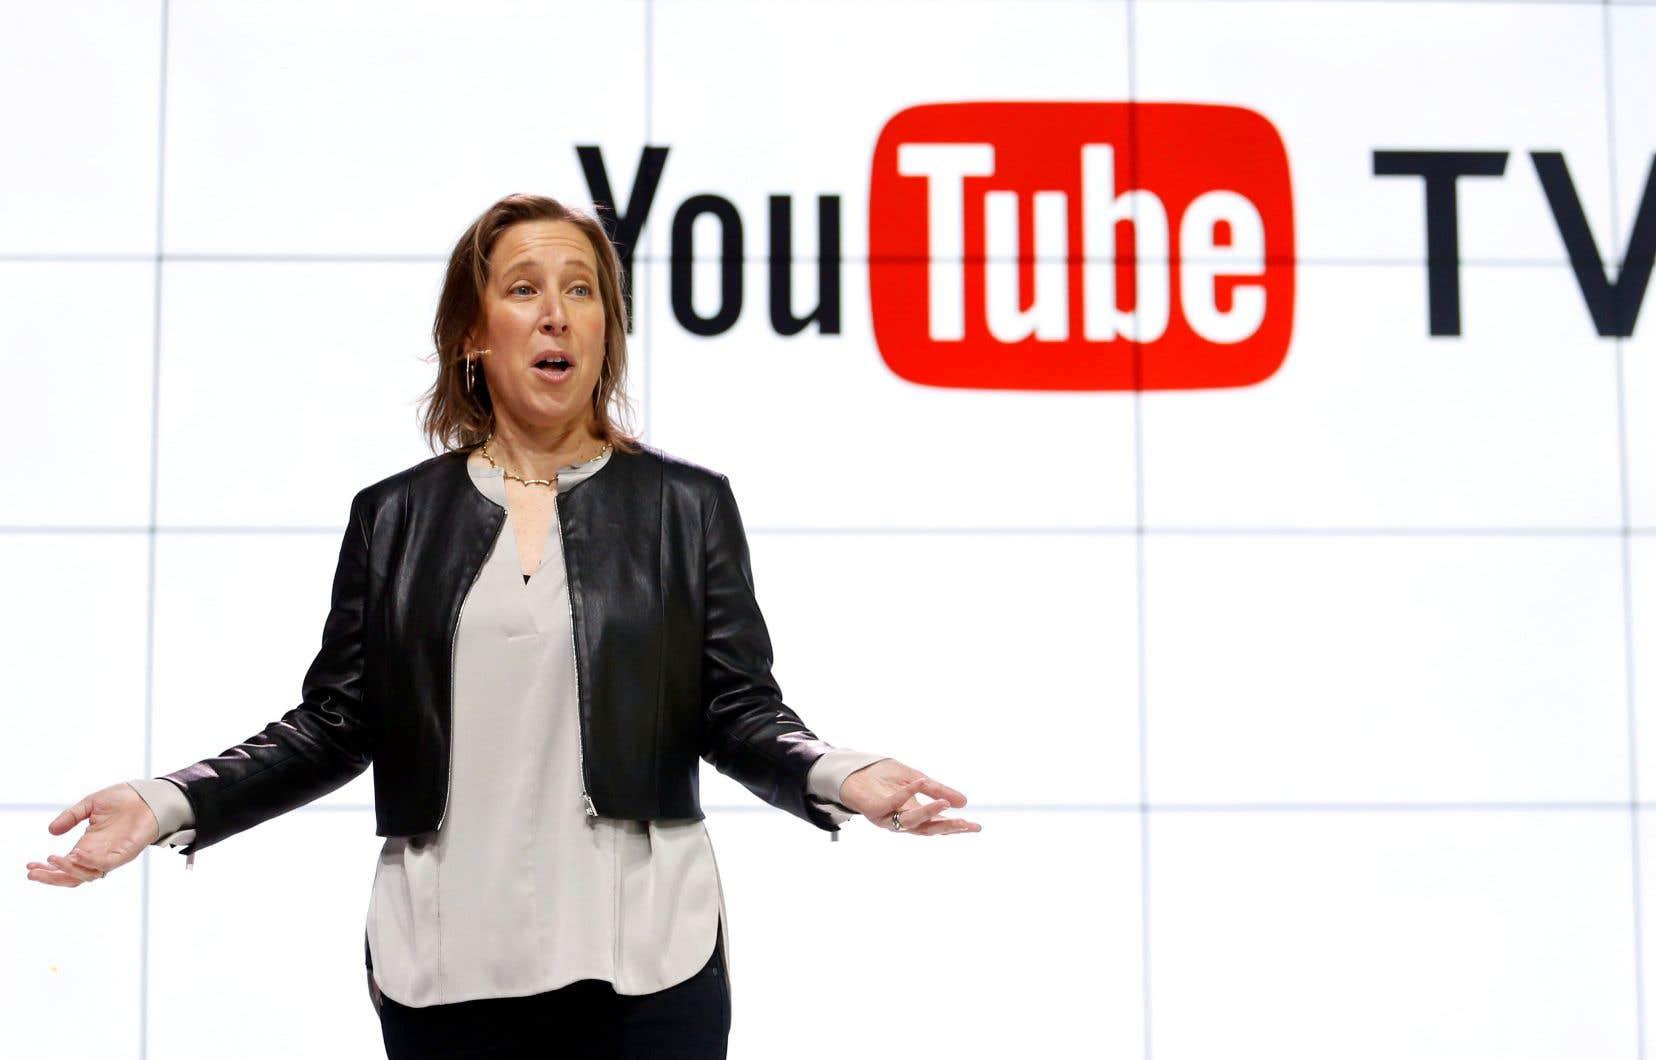 Sur les vidéos pour enfants, la collecte de données sera limitée à celles nécessaires au bon fonctionnement du service et il n'y aura plus de publicités ciblées, ni la possibilité de publier des commentaires, a précisé la dirigeante de Youtube, Susan Wojcicki.